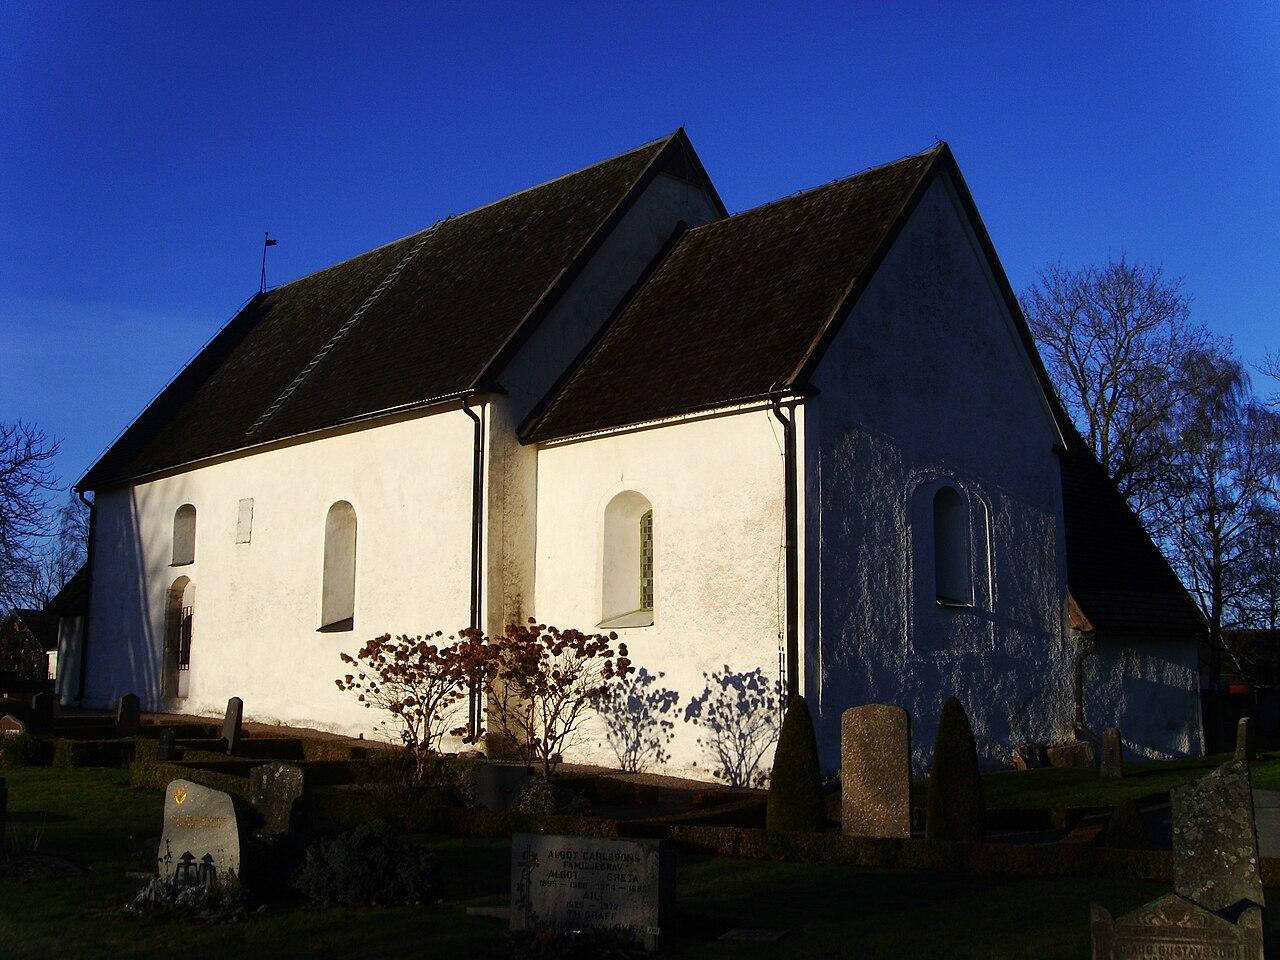 Fil:Kullerstads kyrka, den 21 december 2008, bild - Wikipedia